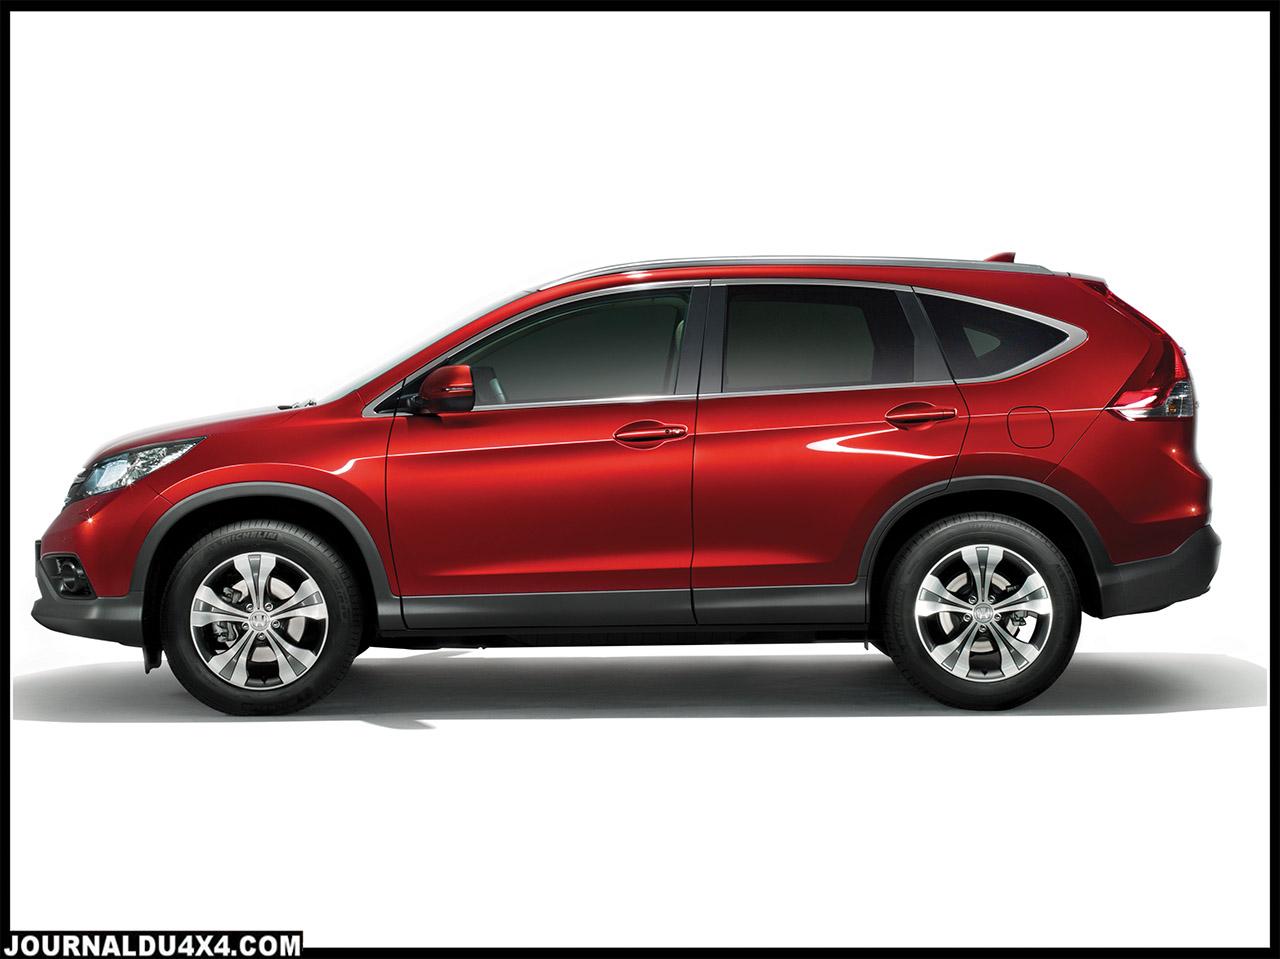 CRV honda nouveau modèle 2012-2013